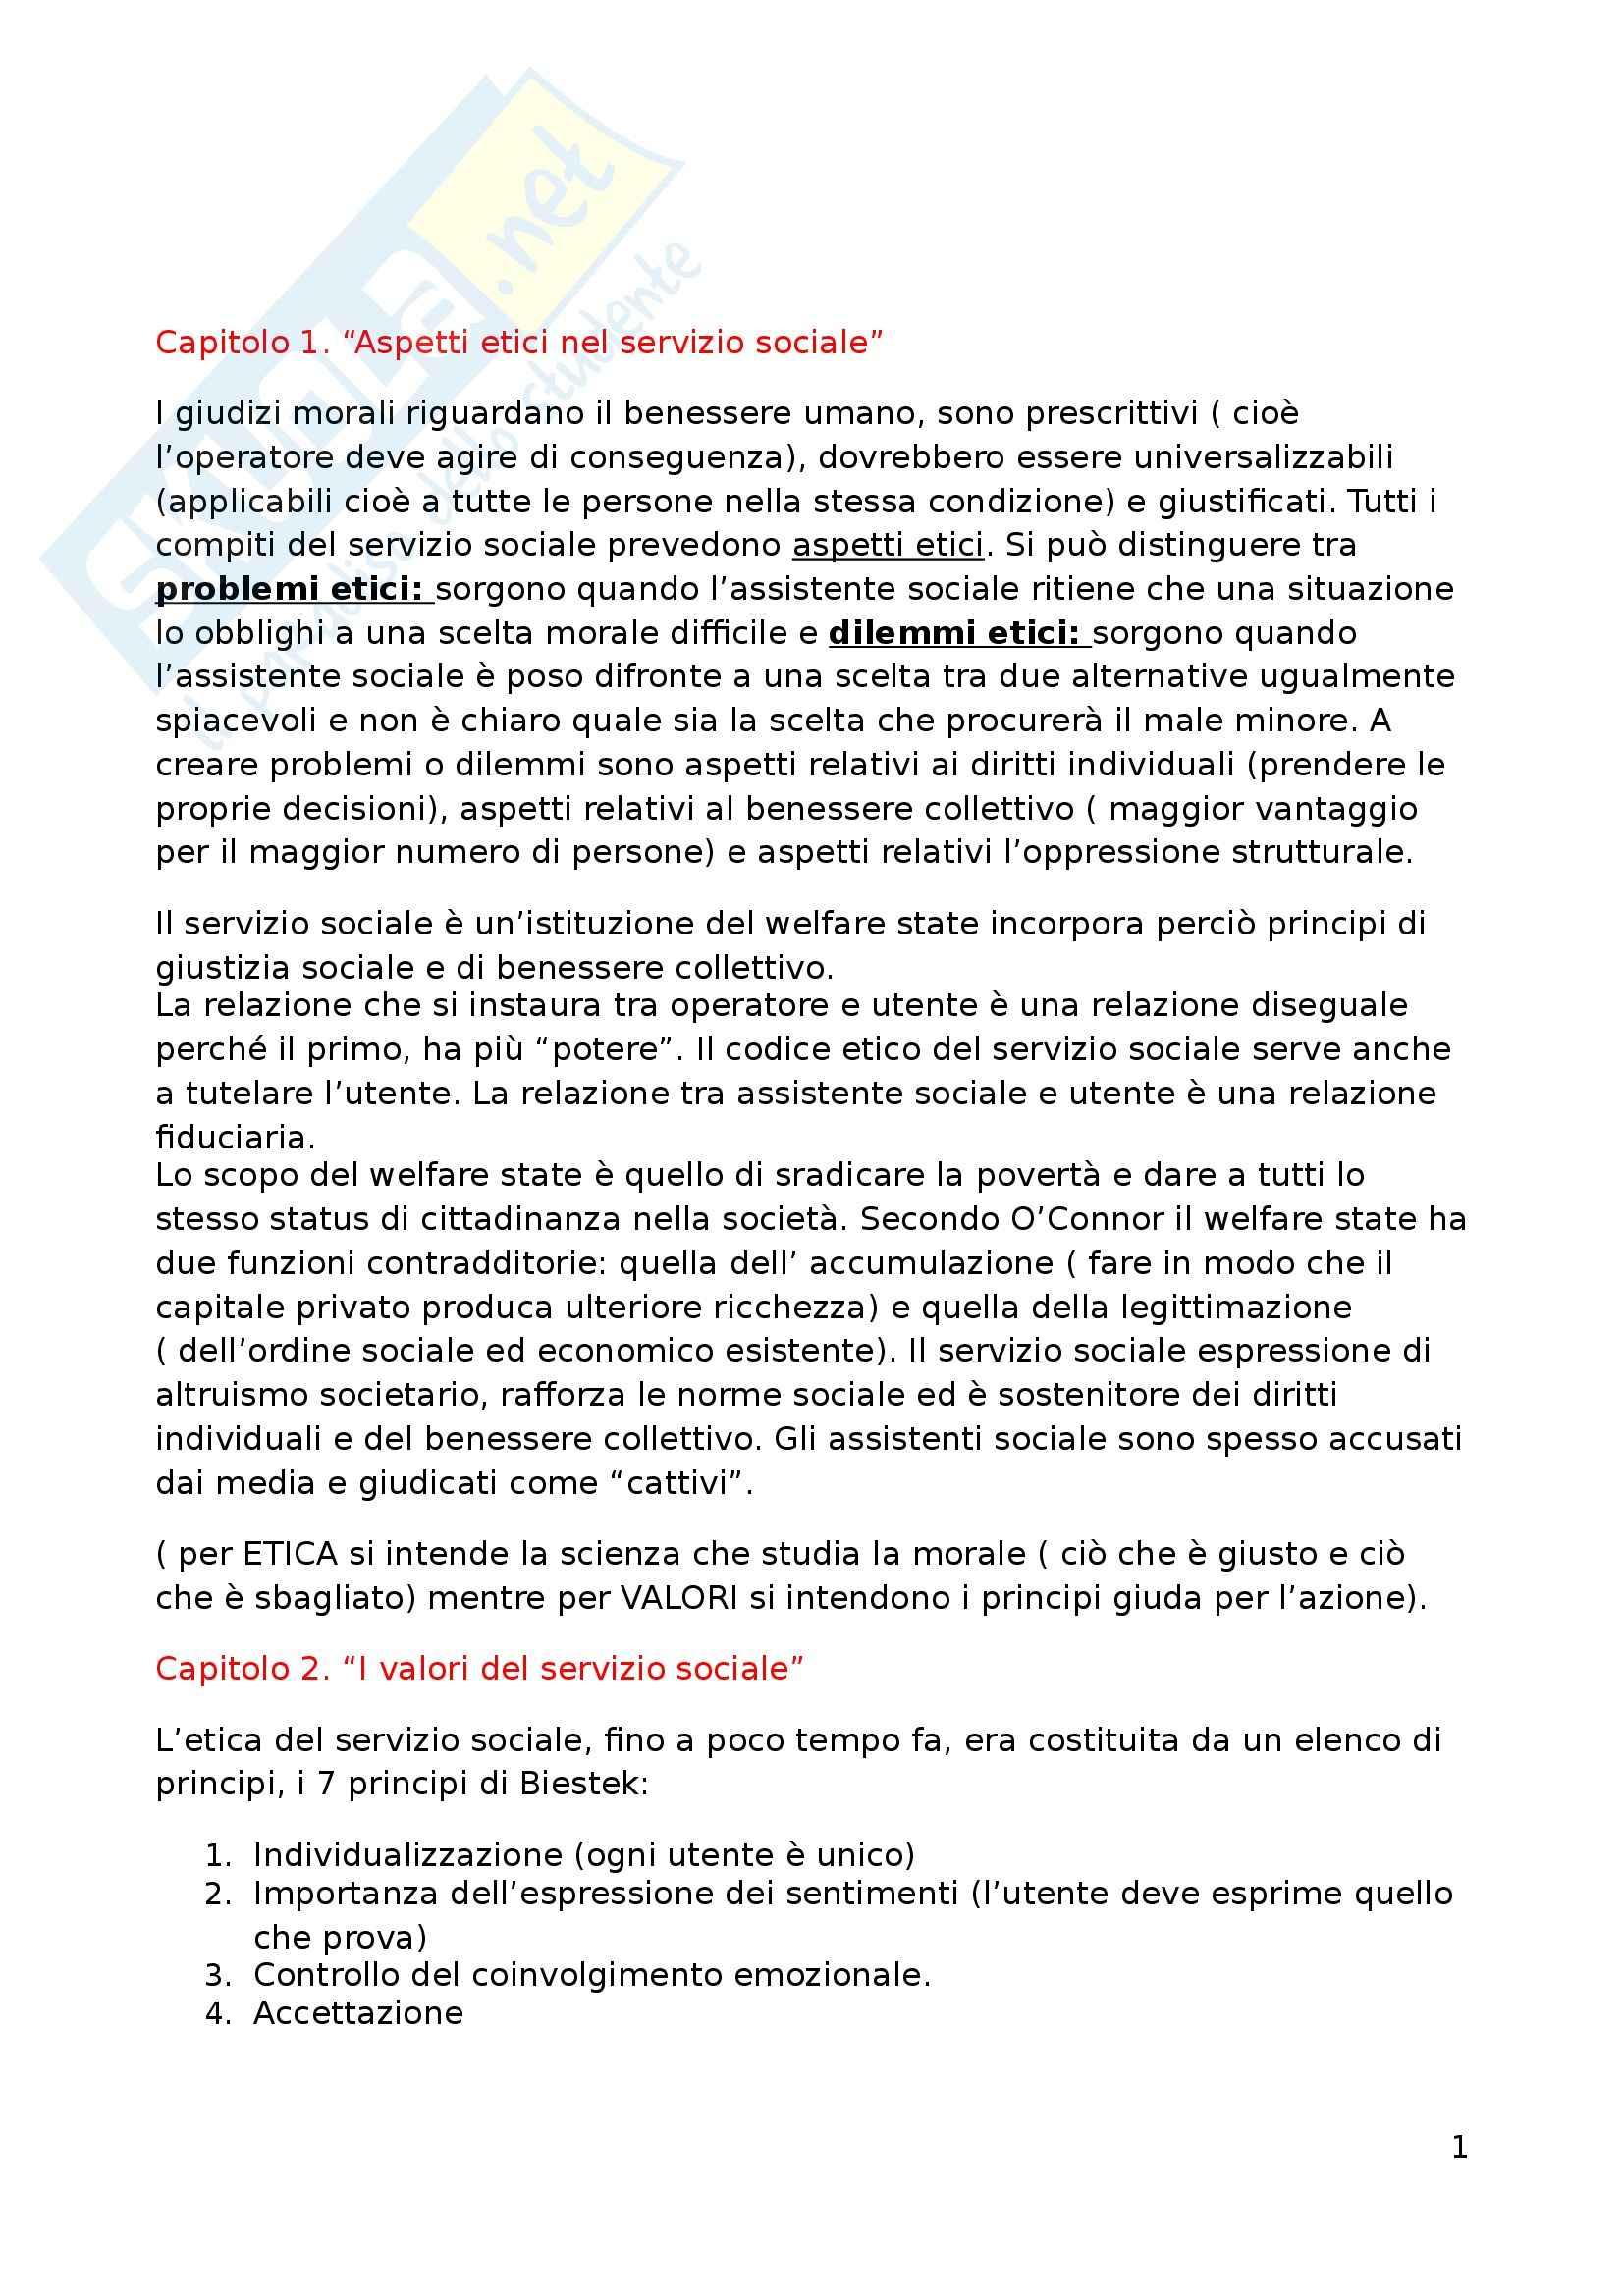 Riassunto esame Principi e fondamenti del servizio sociale, prof. Fasciolo, libro consigliato Etica e valori nel servizio sociale, Banks